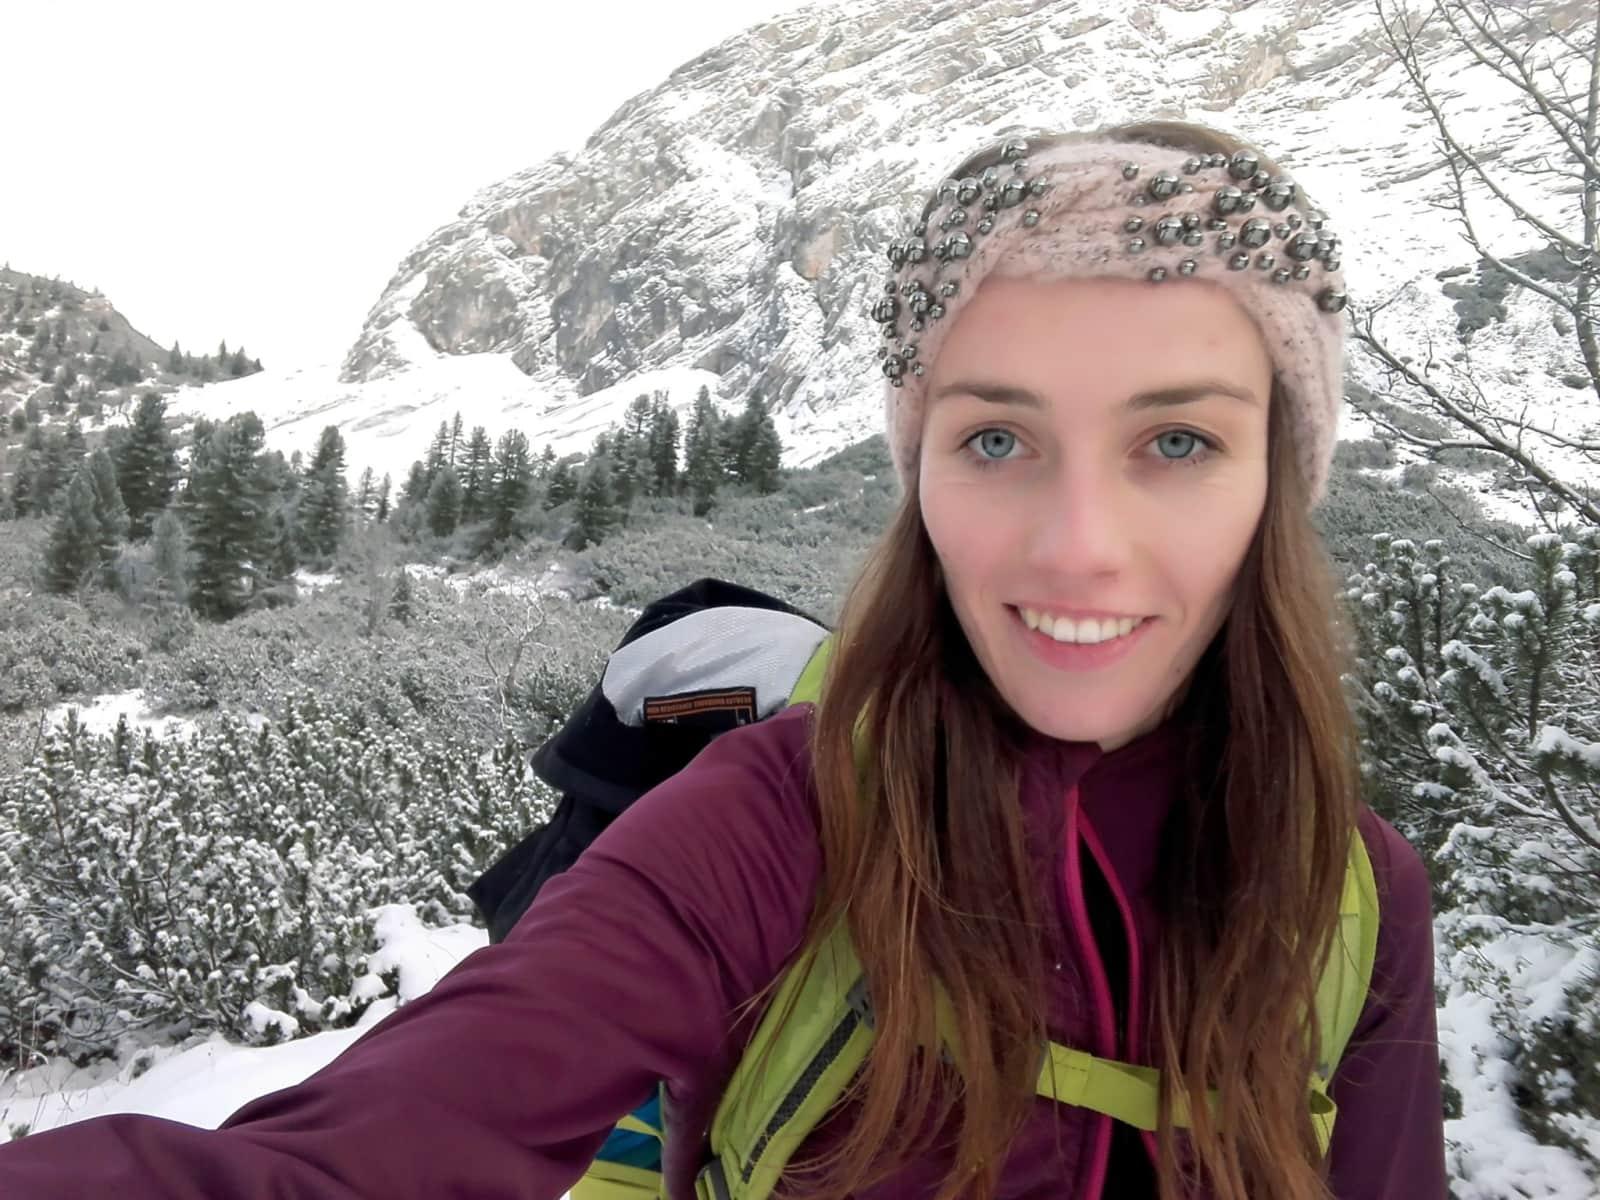 Marti from Zürich, Switzerland